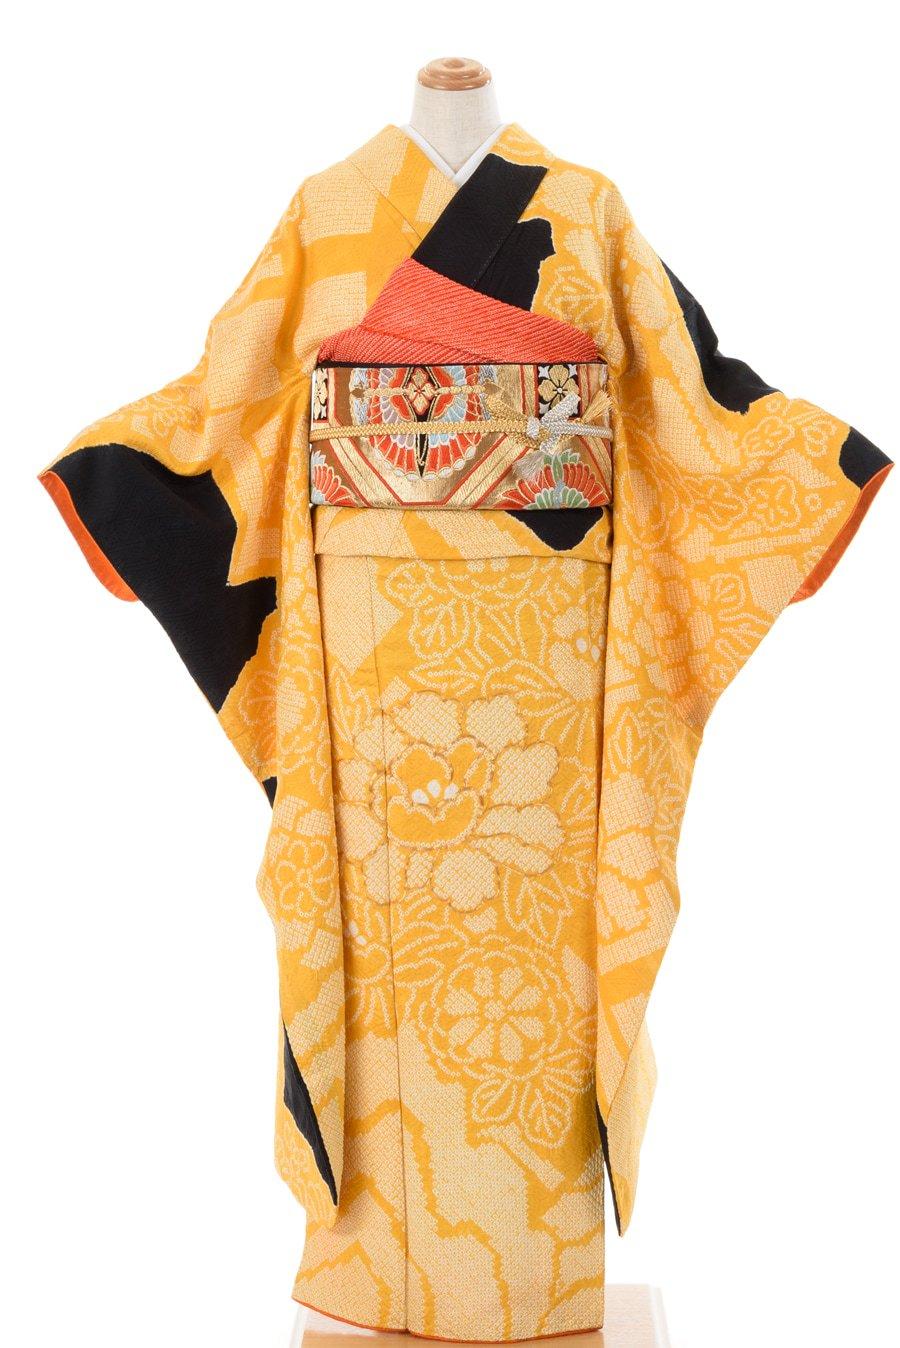 「振袖 総絞り 菊と牡丹」の商品画像